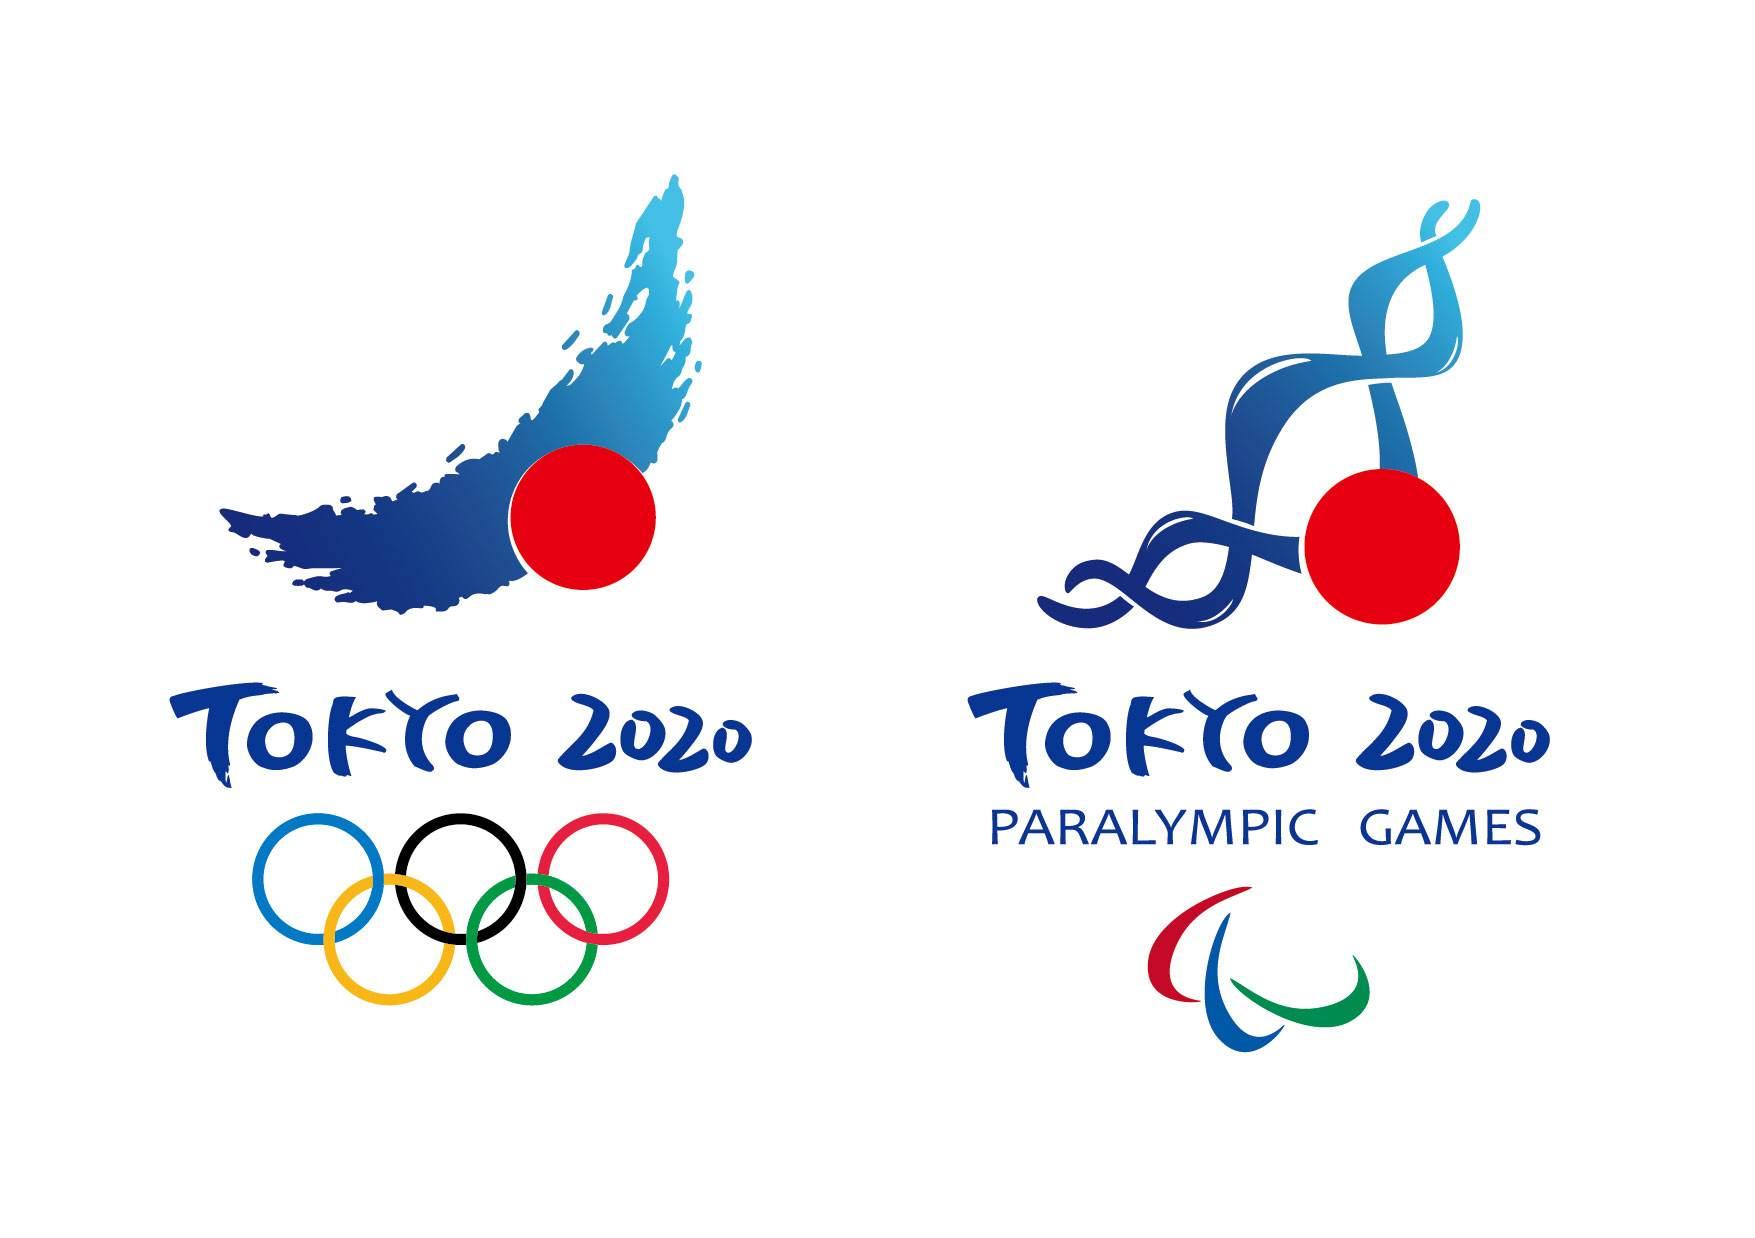 东京奥运将出售约100万张低价儿童团体票图片